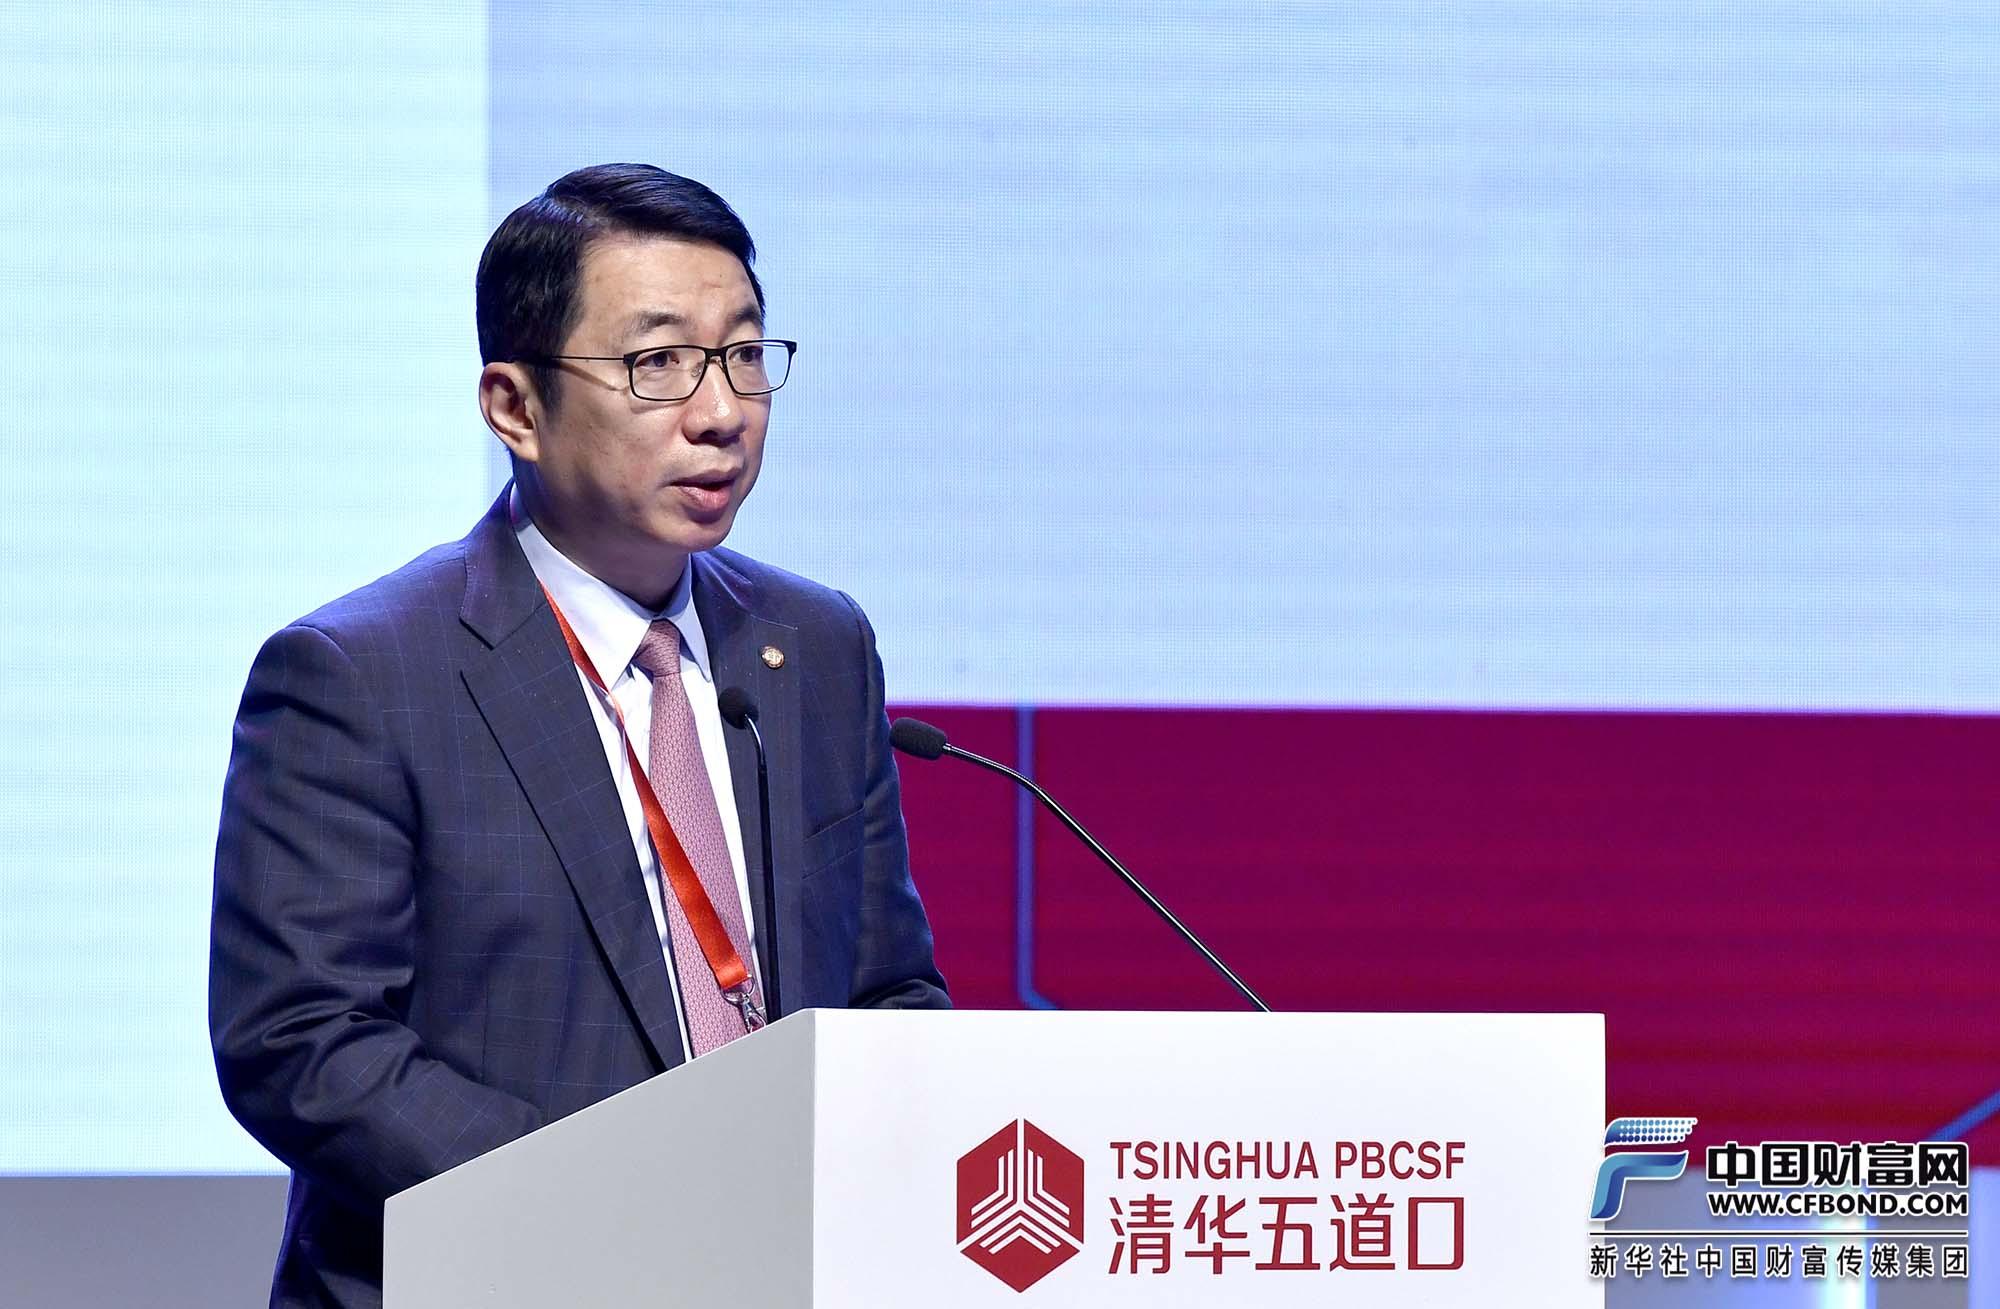 点评嘉宾:上海市金融工作党委、上海市地方金融监督管理局局长郑杨